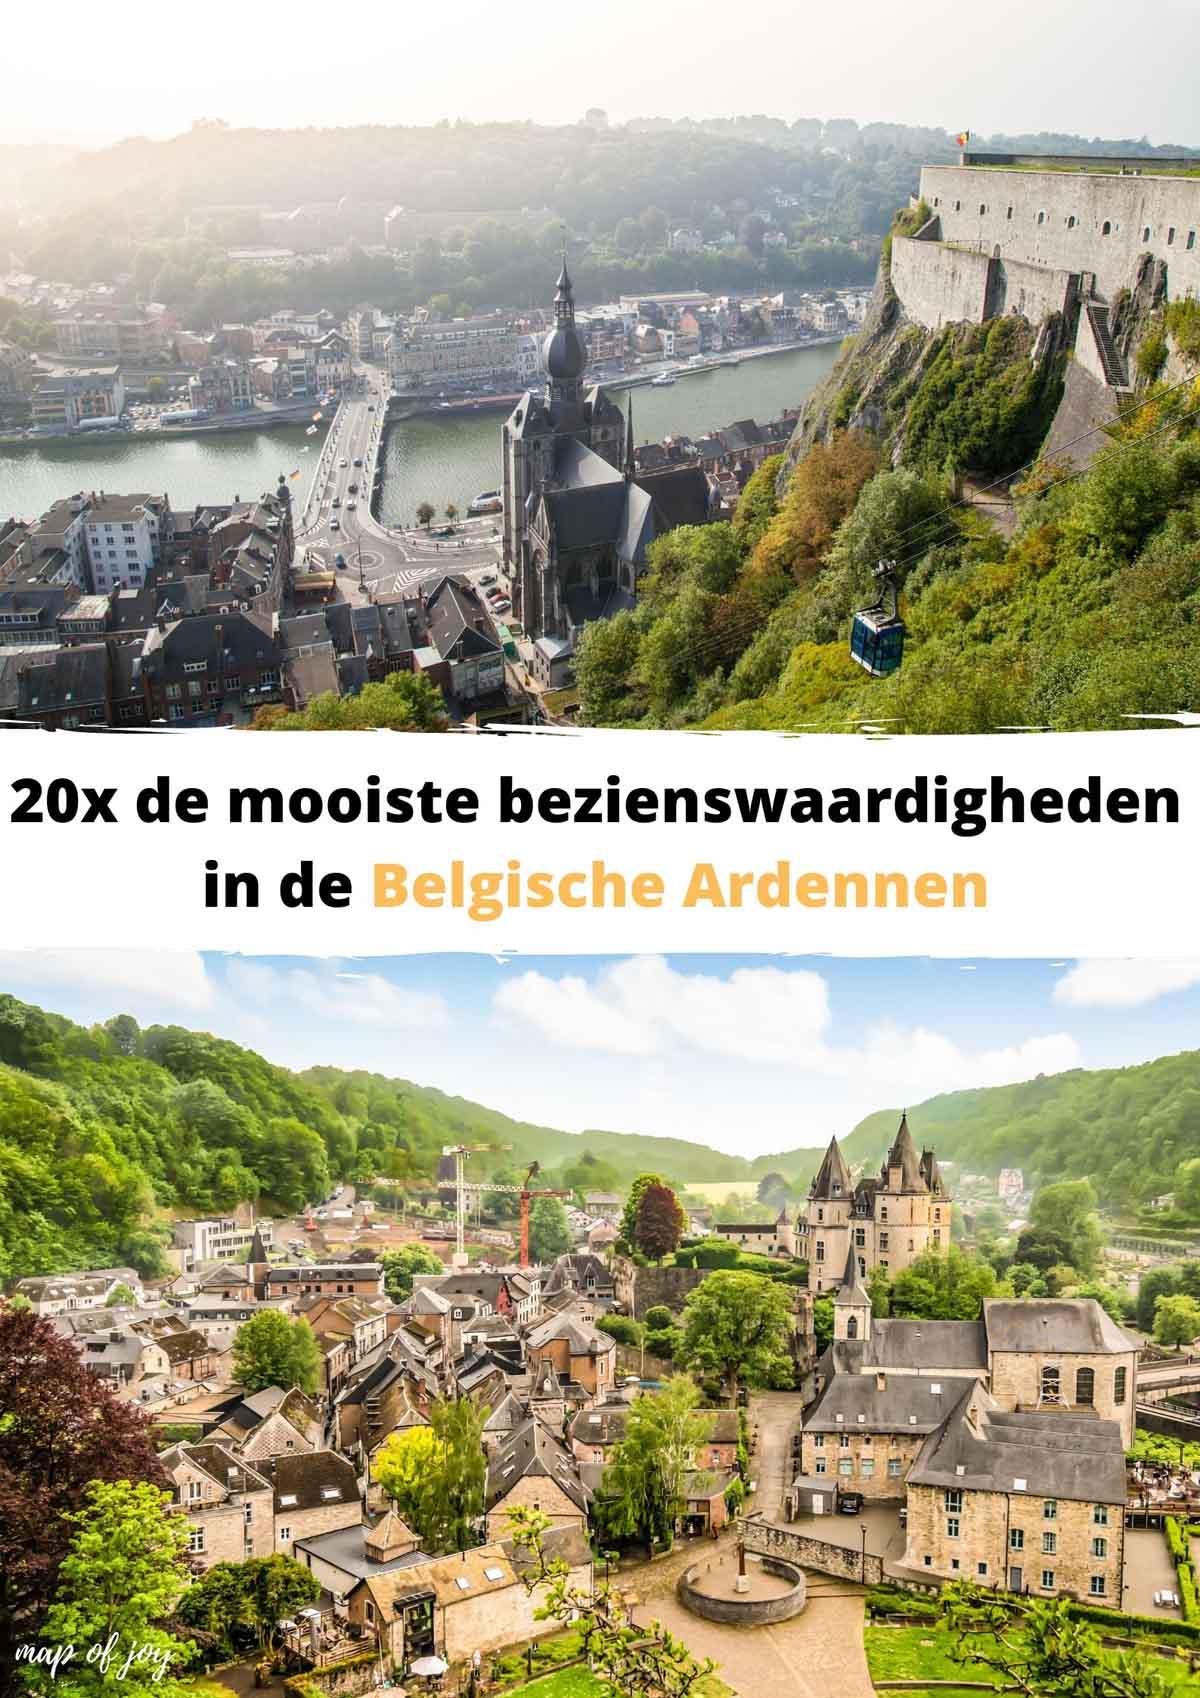 20x de mooiste bezienswaardigheden in de Belgische Ardennen